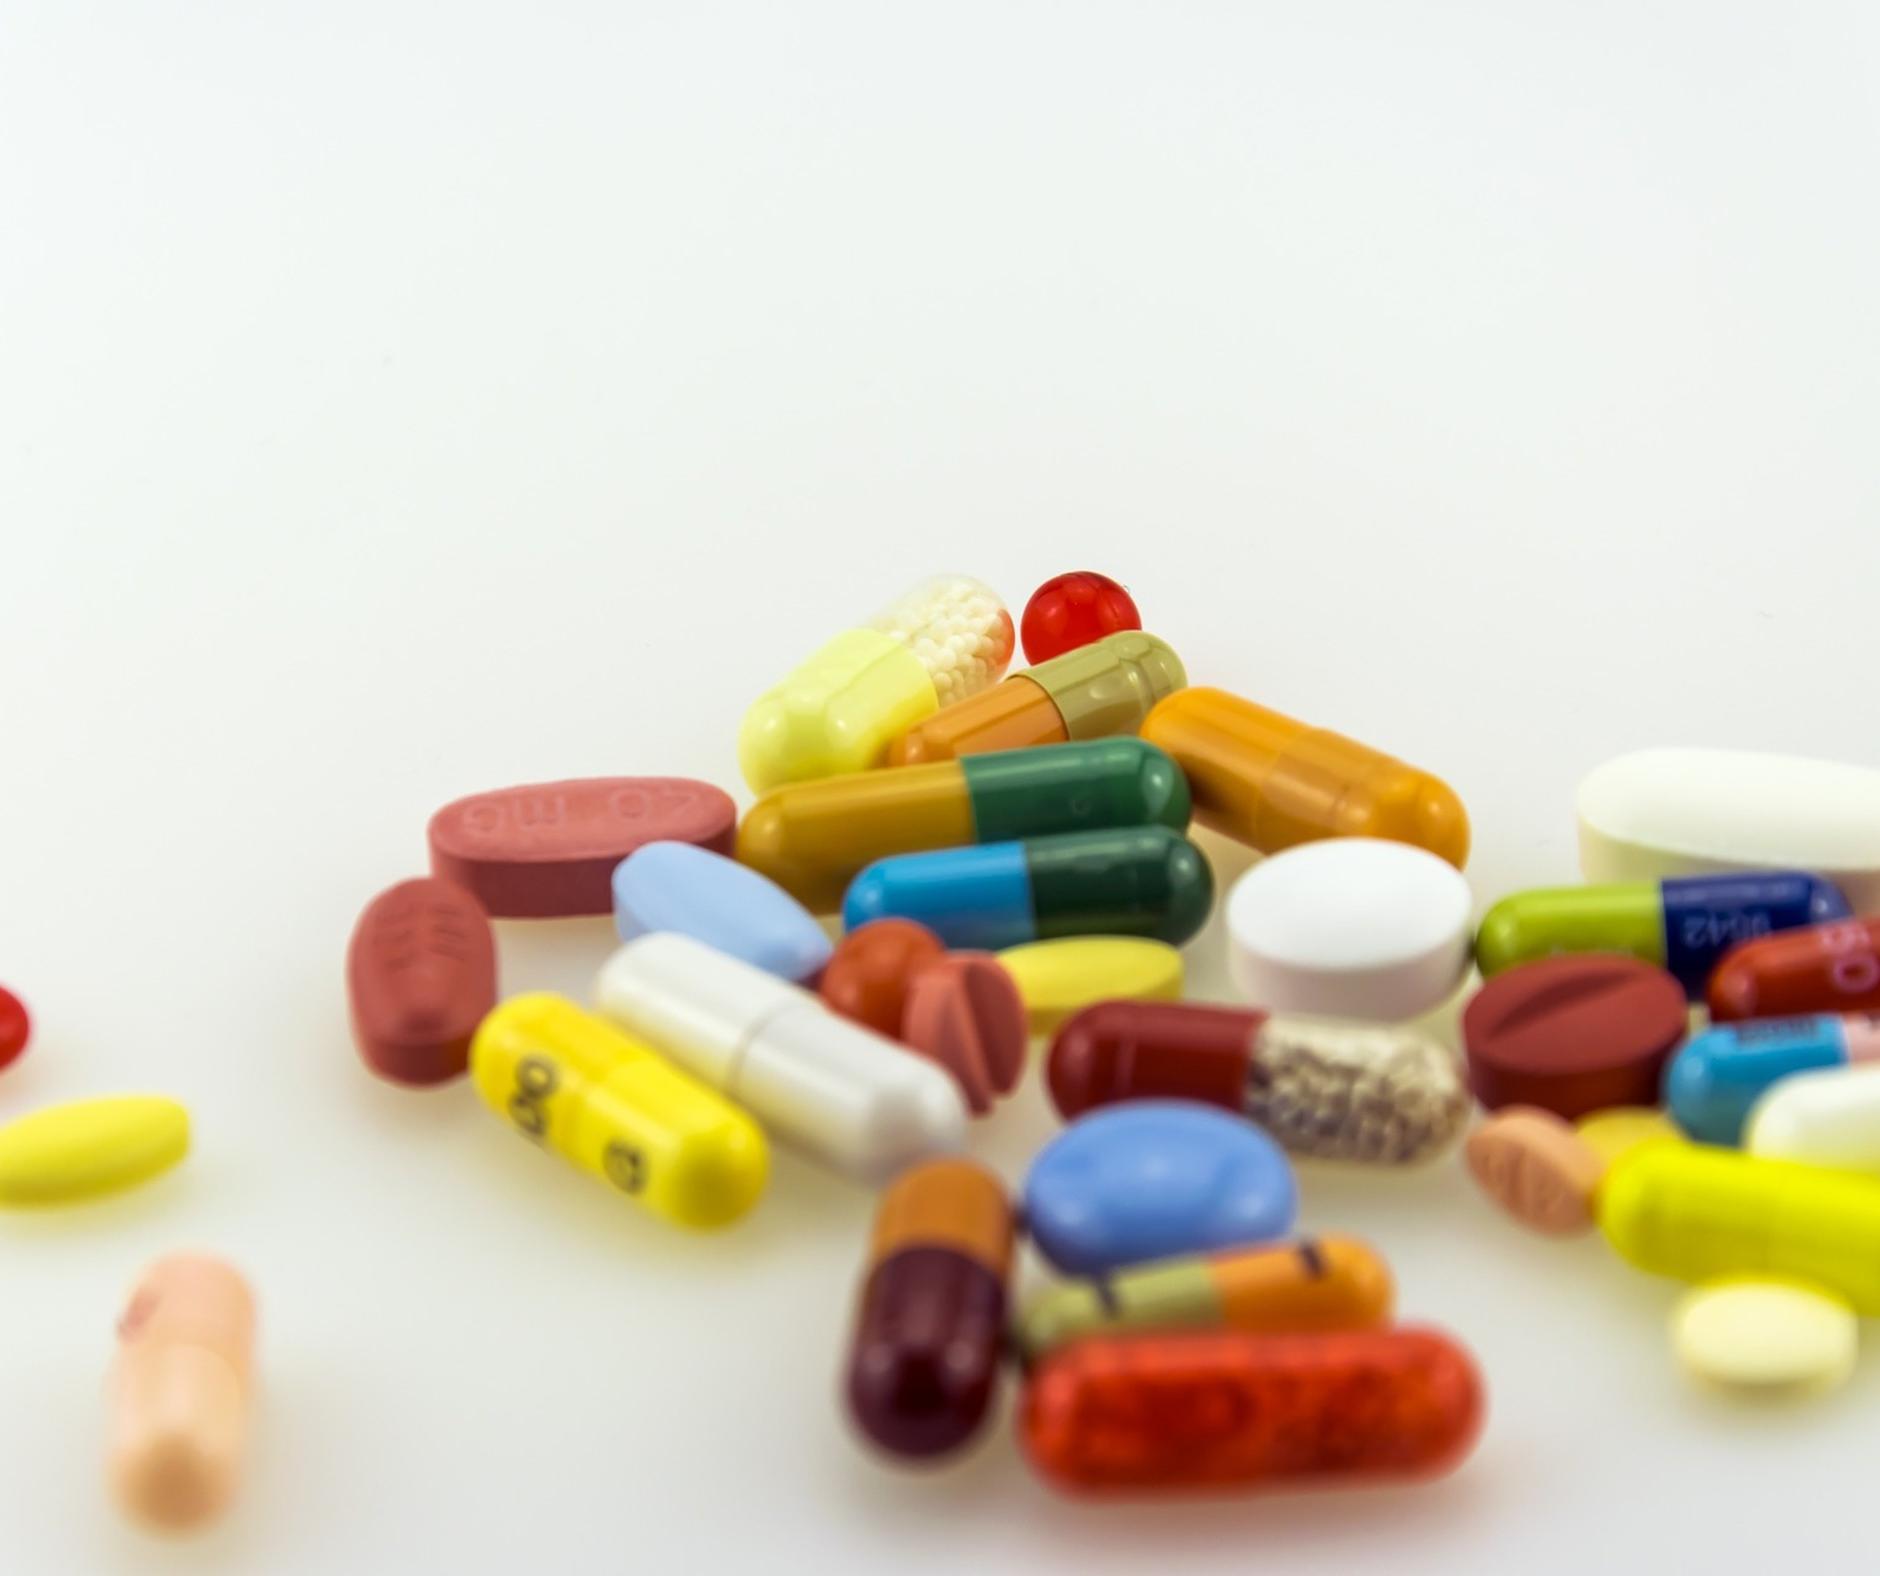 Führen Antibiotika zu Vergesslichkeit?